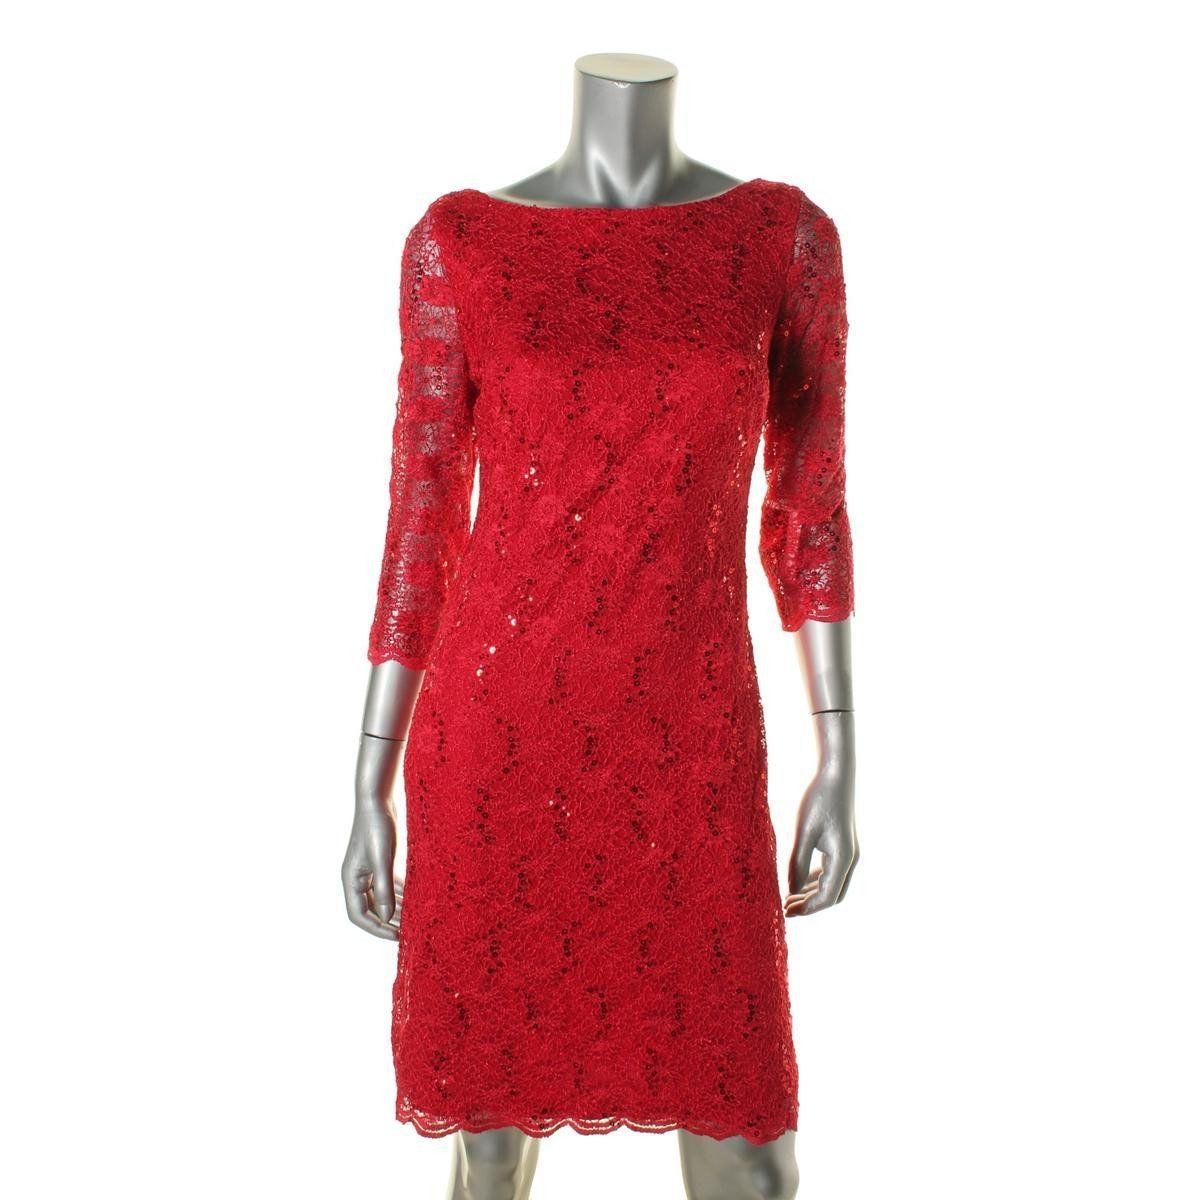 6e3188d6c5e Calvin Klein Womens Lace Sequined Cocktail Dress